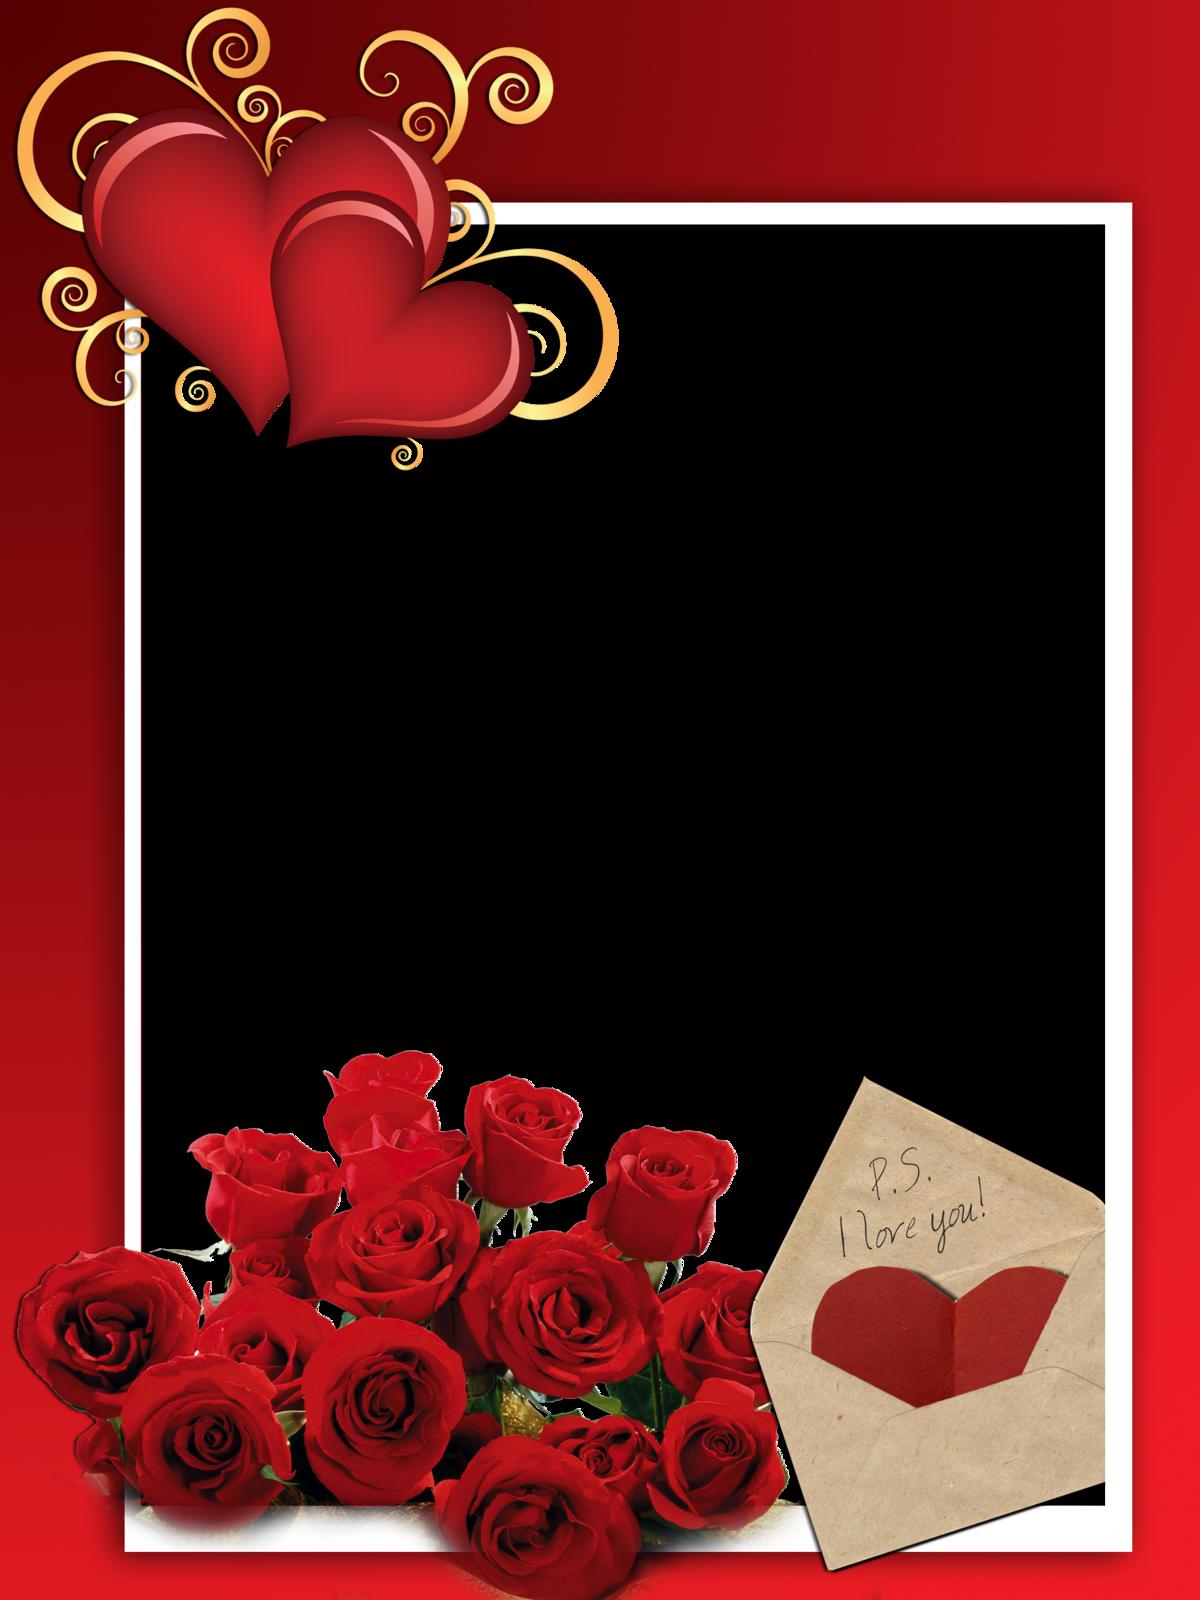 Смешных, макеты открыток для любимой